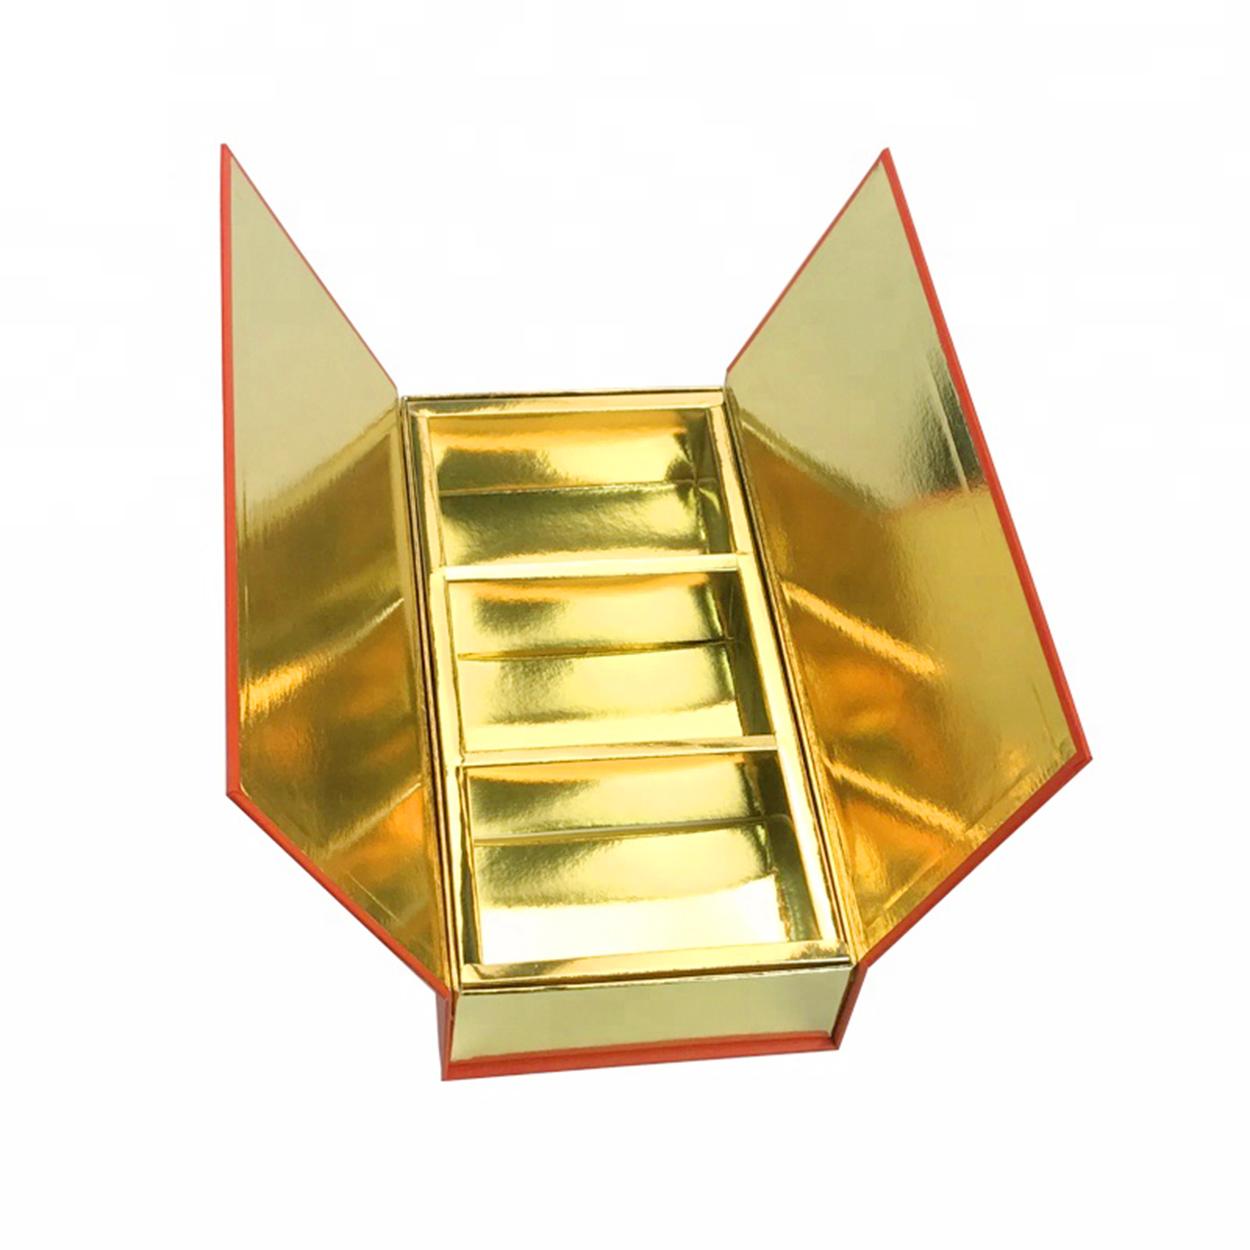 山东专业包装盒印刷生产厂商,包装盒定制印刷实惠-济南尚邦佳品包装制品有限公司